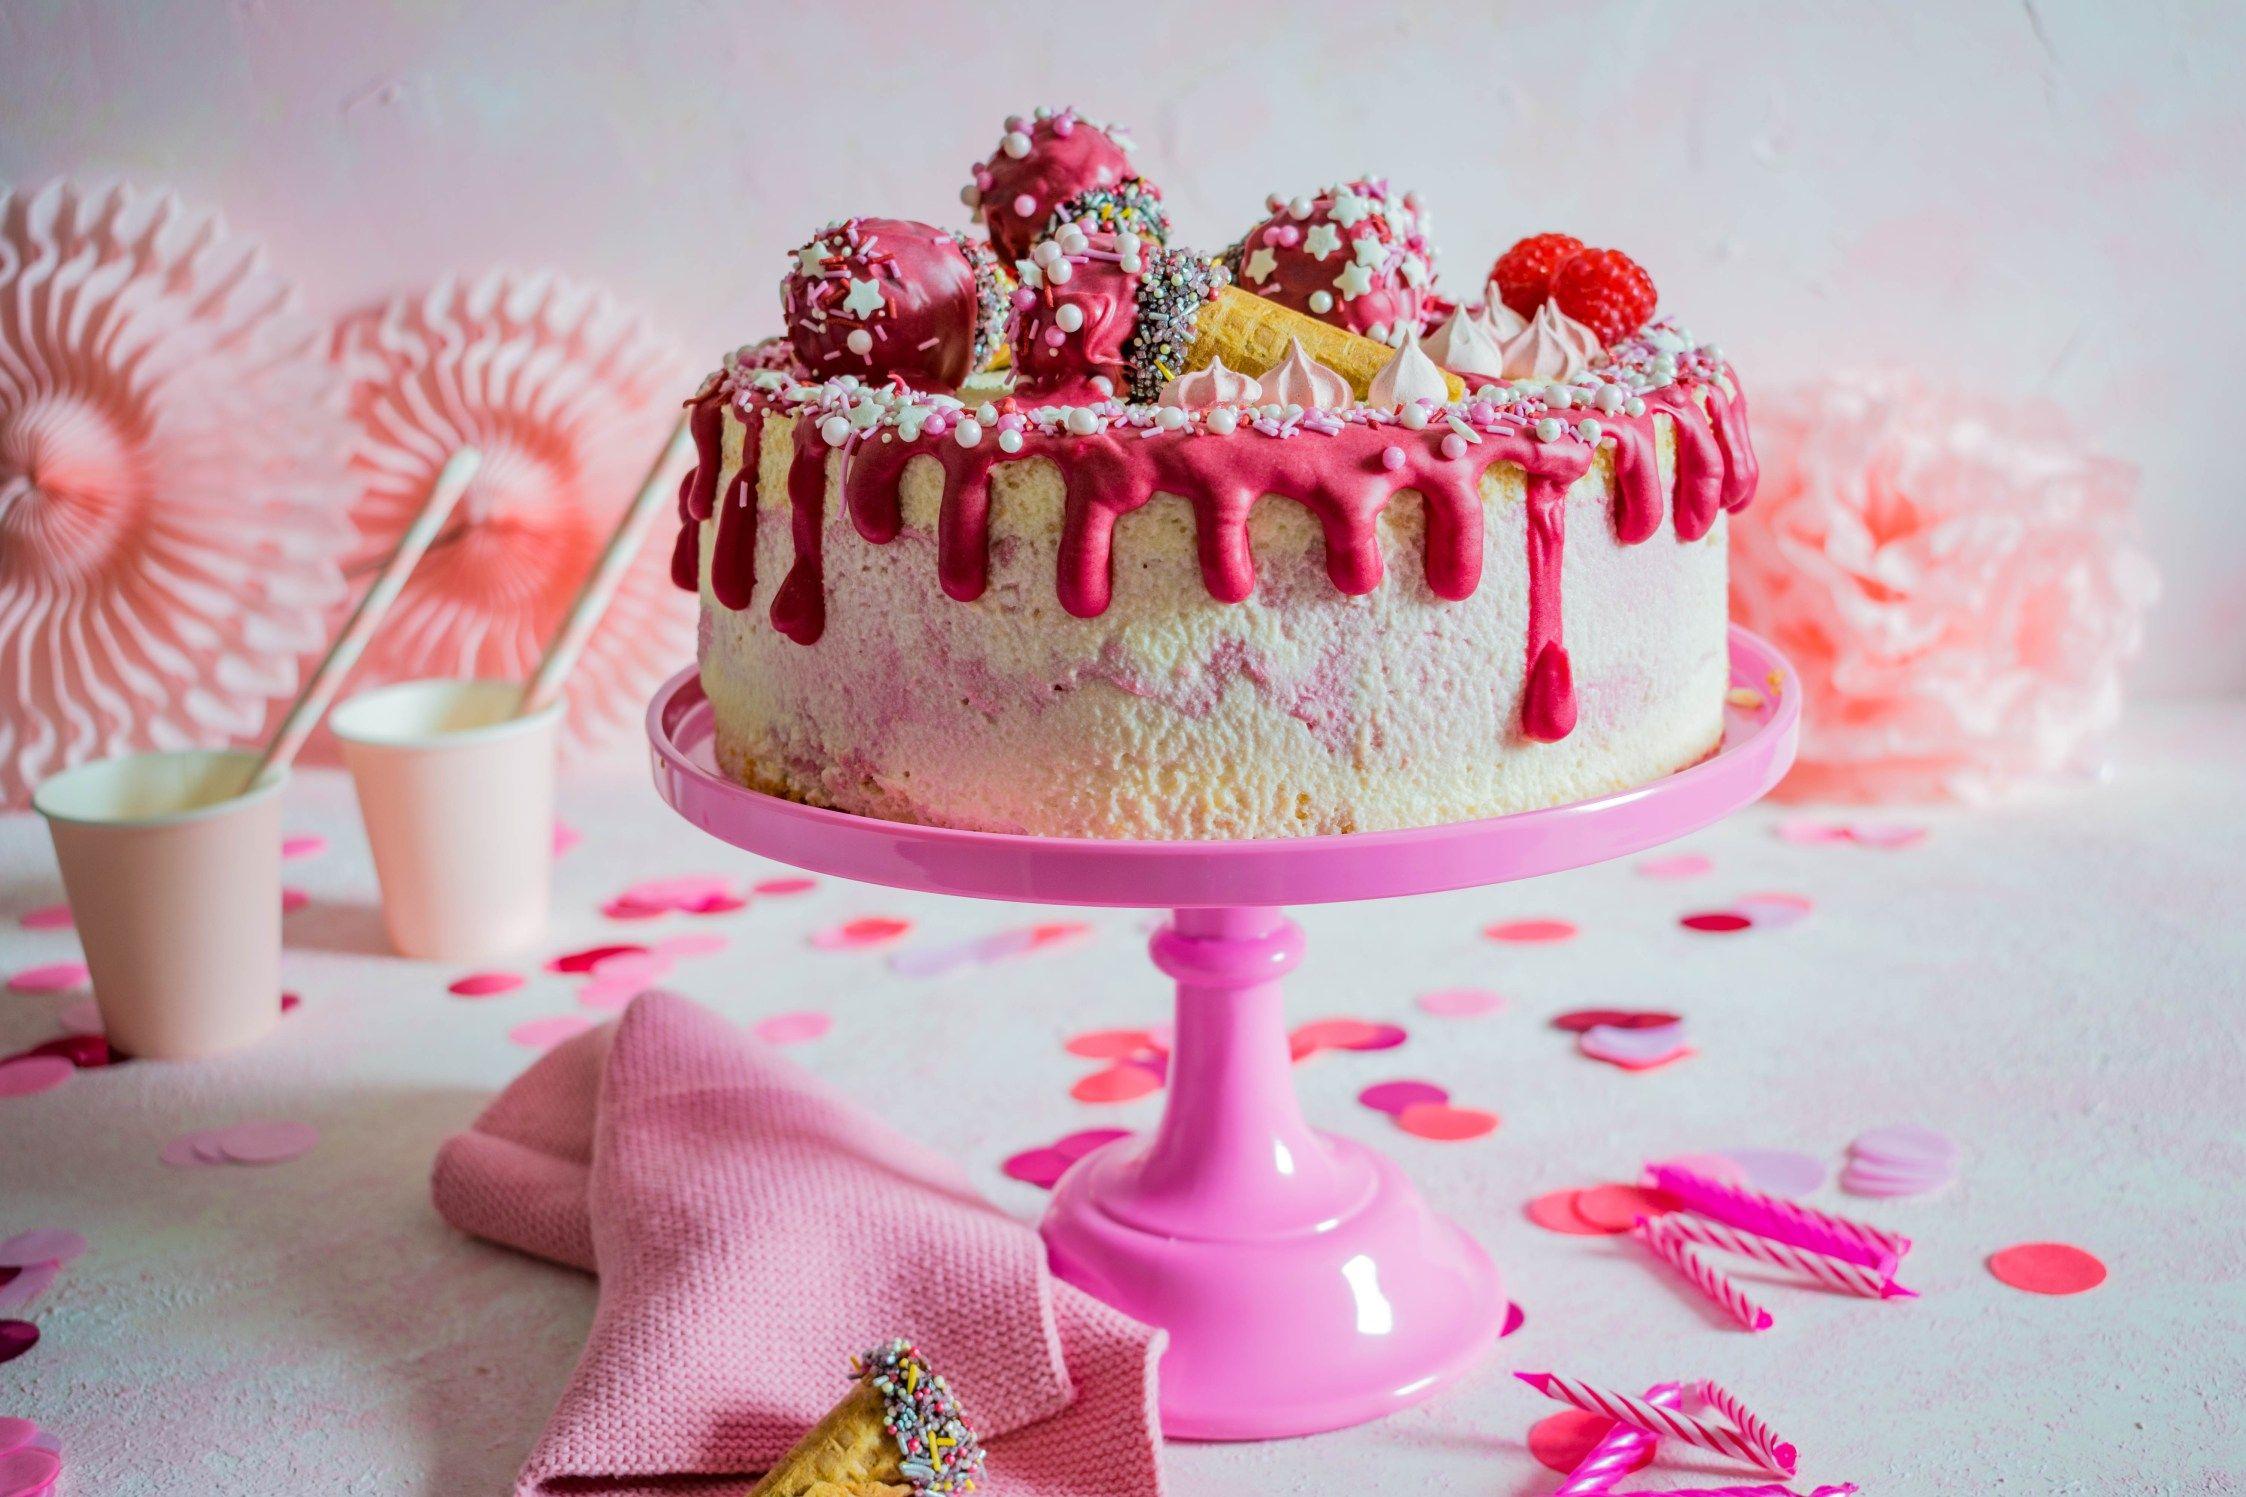 Himbeer Quark Geburtstagstorte Himbeer Quark Geburtstagstorte Madchen Kuchen